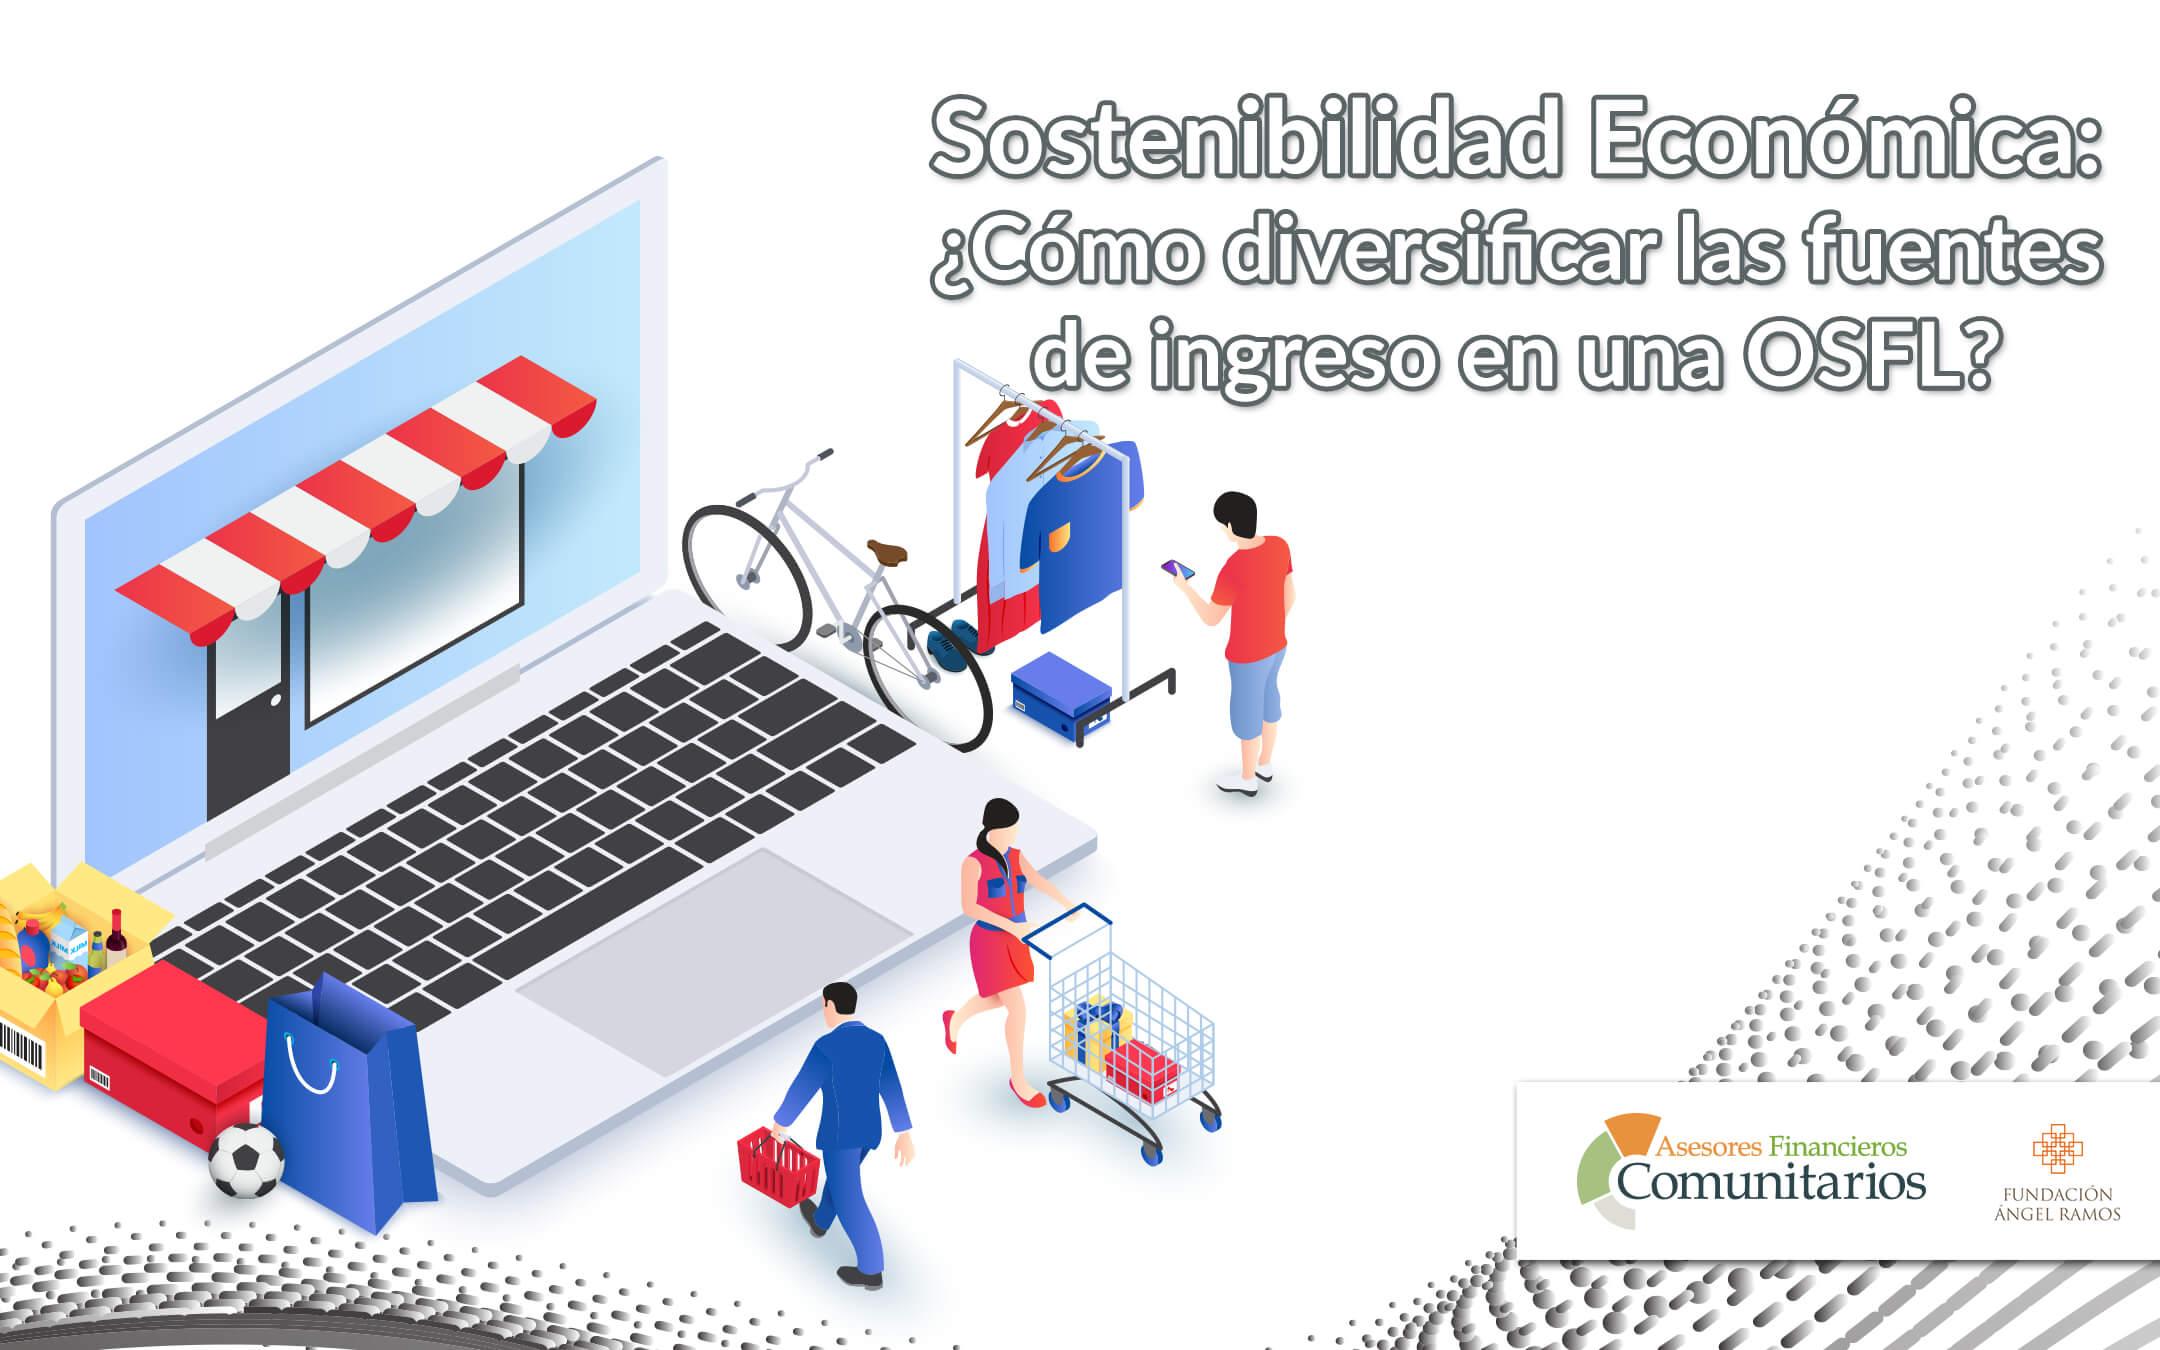 Sostenibilidad Económica: ¿Cómo diversificar las fuentes de ingreso en una OSFL?